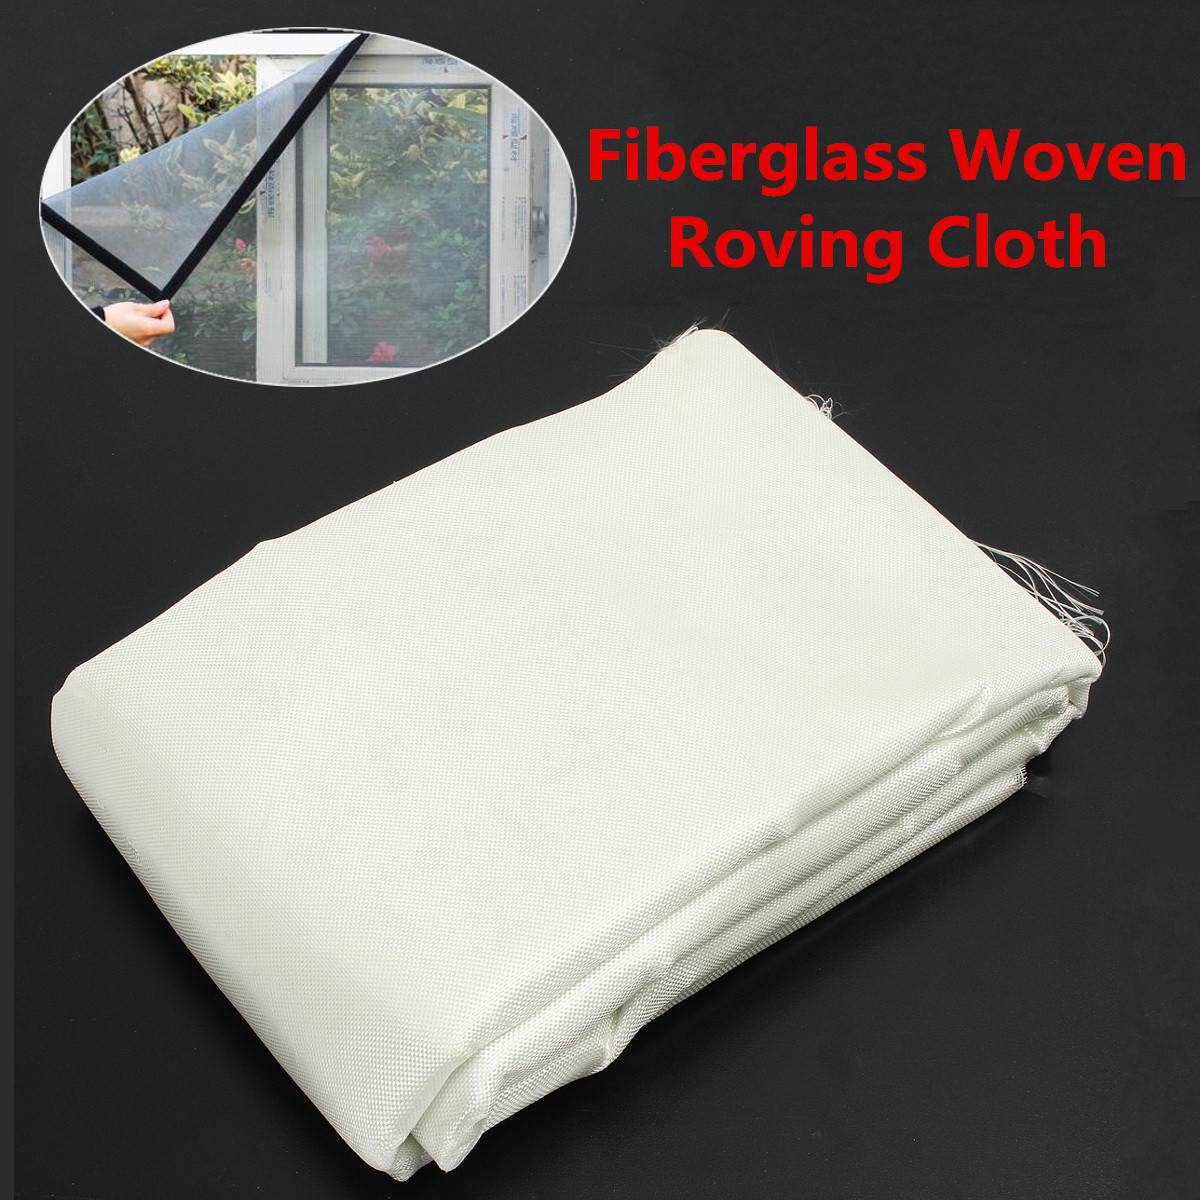 Tissu en Fiber de verre tissé tissu itinérant grille en Fiber de verre armure toile Quilting outil bricolage matériel fournitures blanc 6ozx50